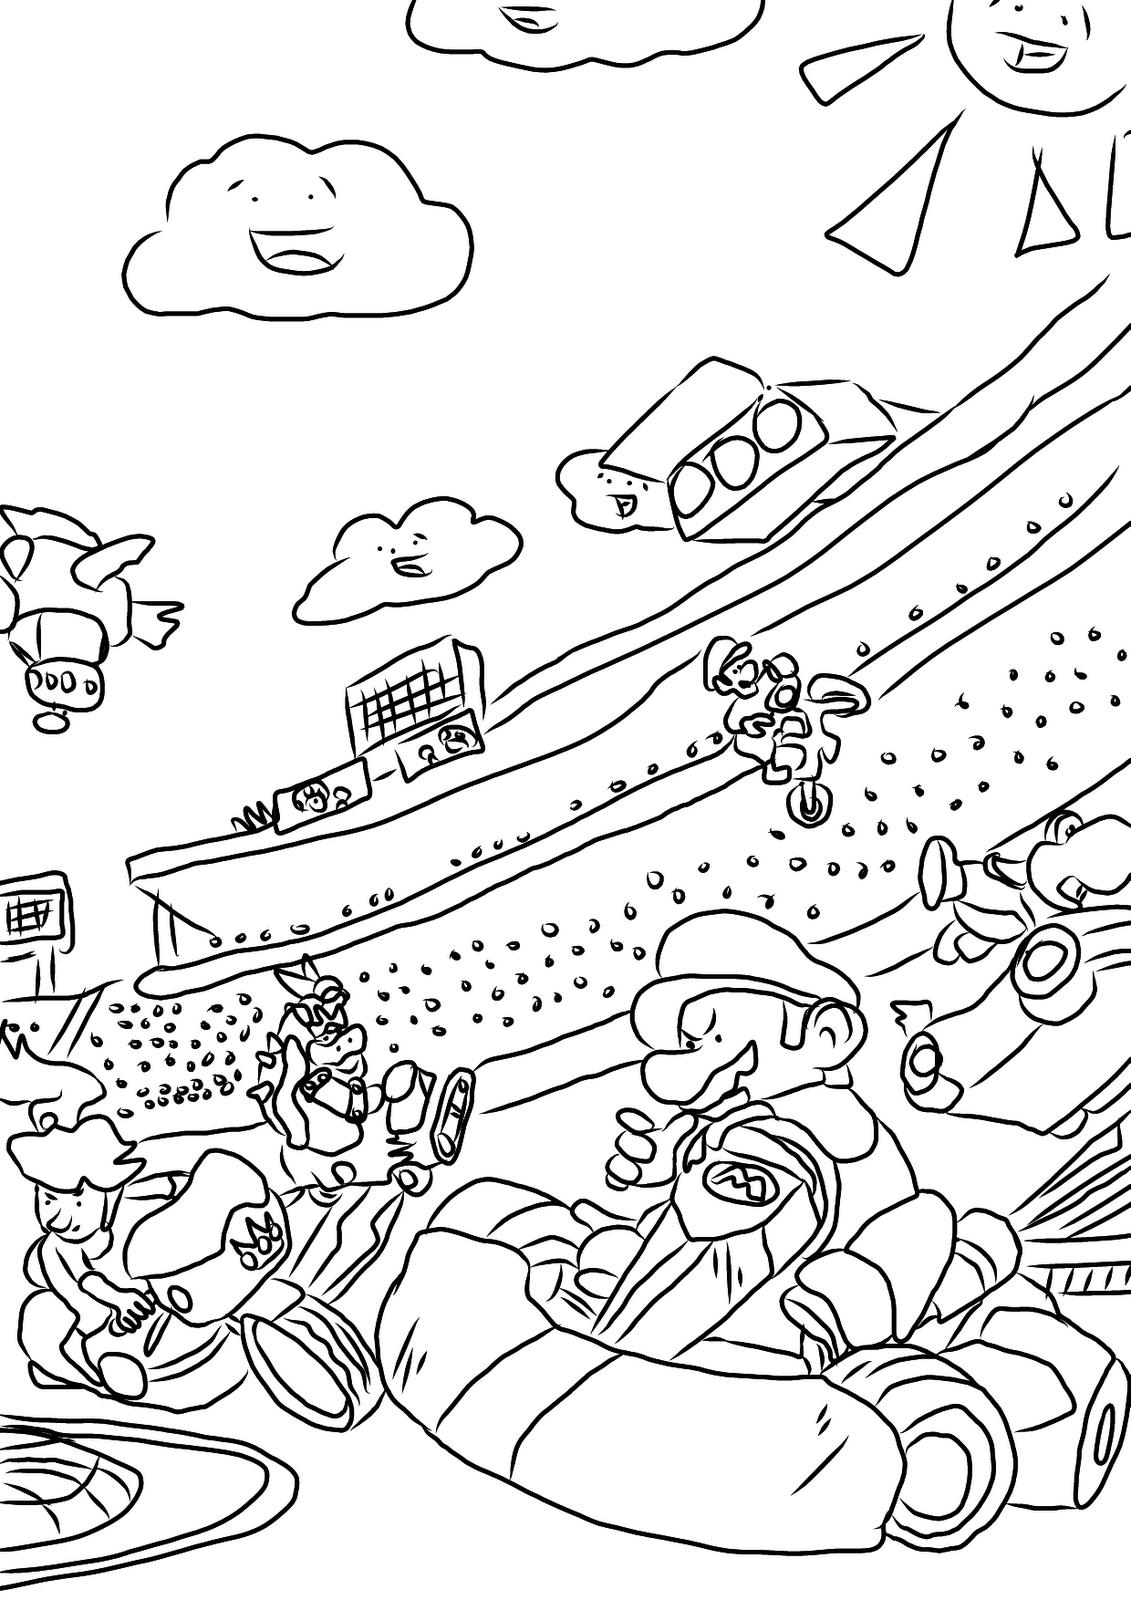 Coloriage Mario Kart 13 Jeux Videos Coloriages A Imprimer